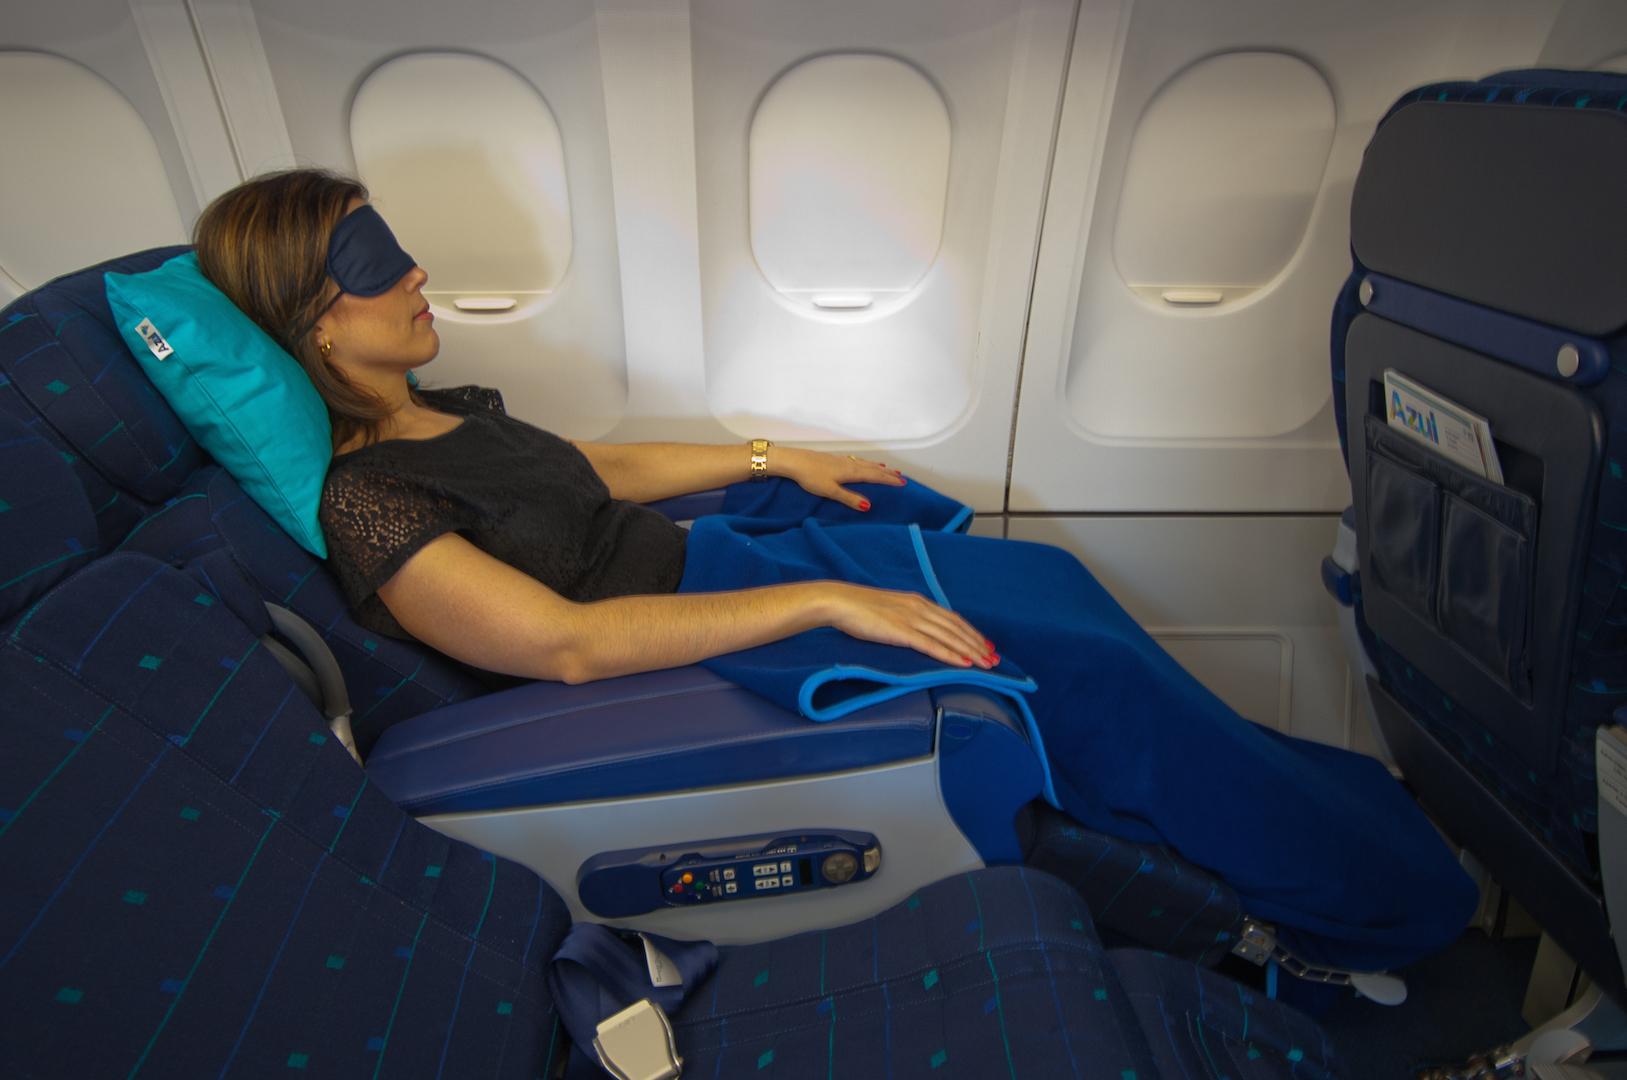 Conheça mais detalhes do serviço de bordo internacional da Azul  #087988 1627x1080 Banheiro De Avião Internacional